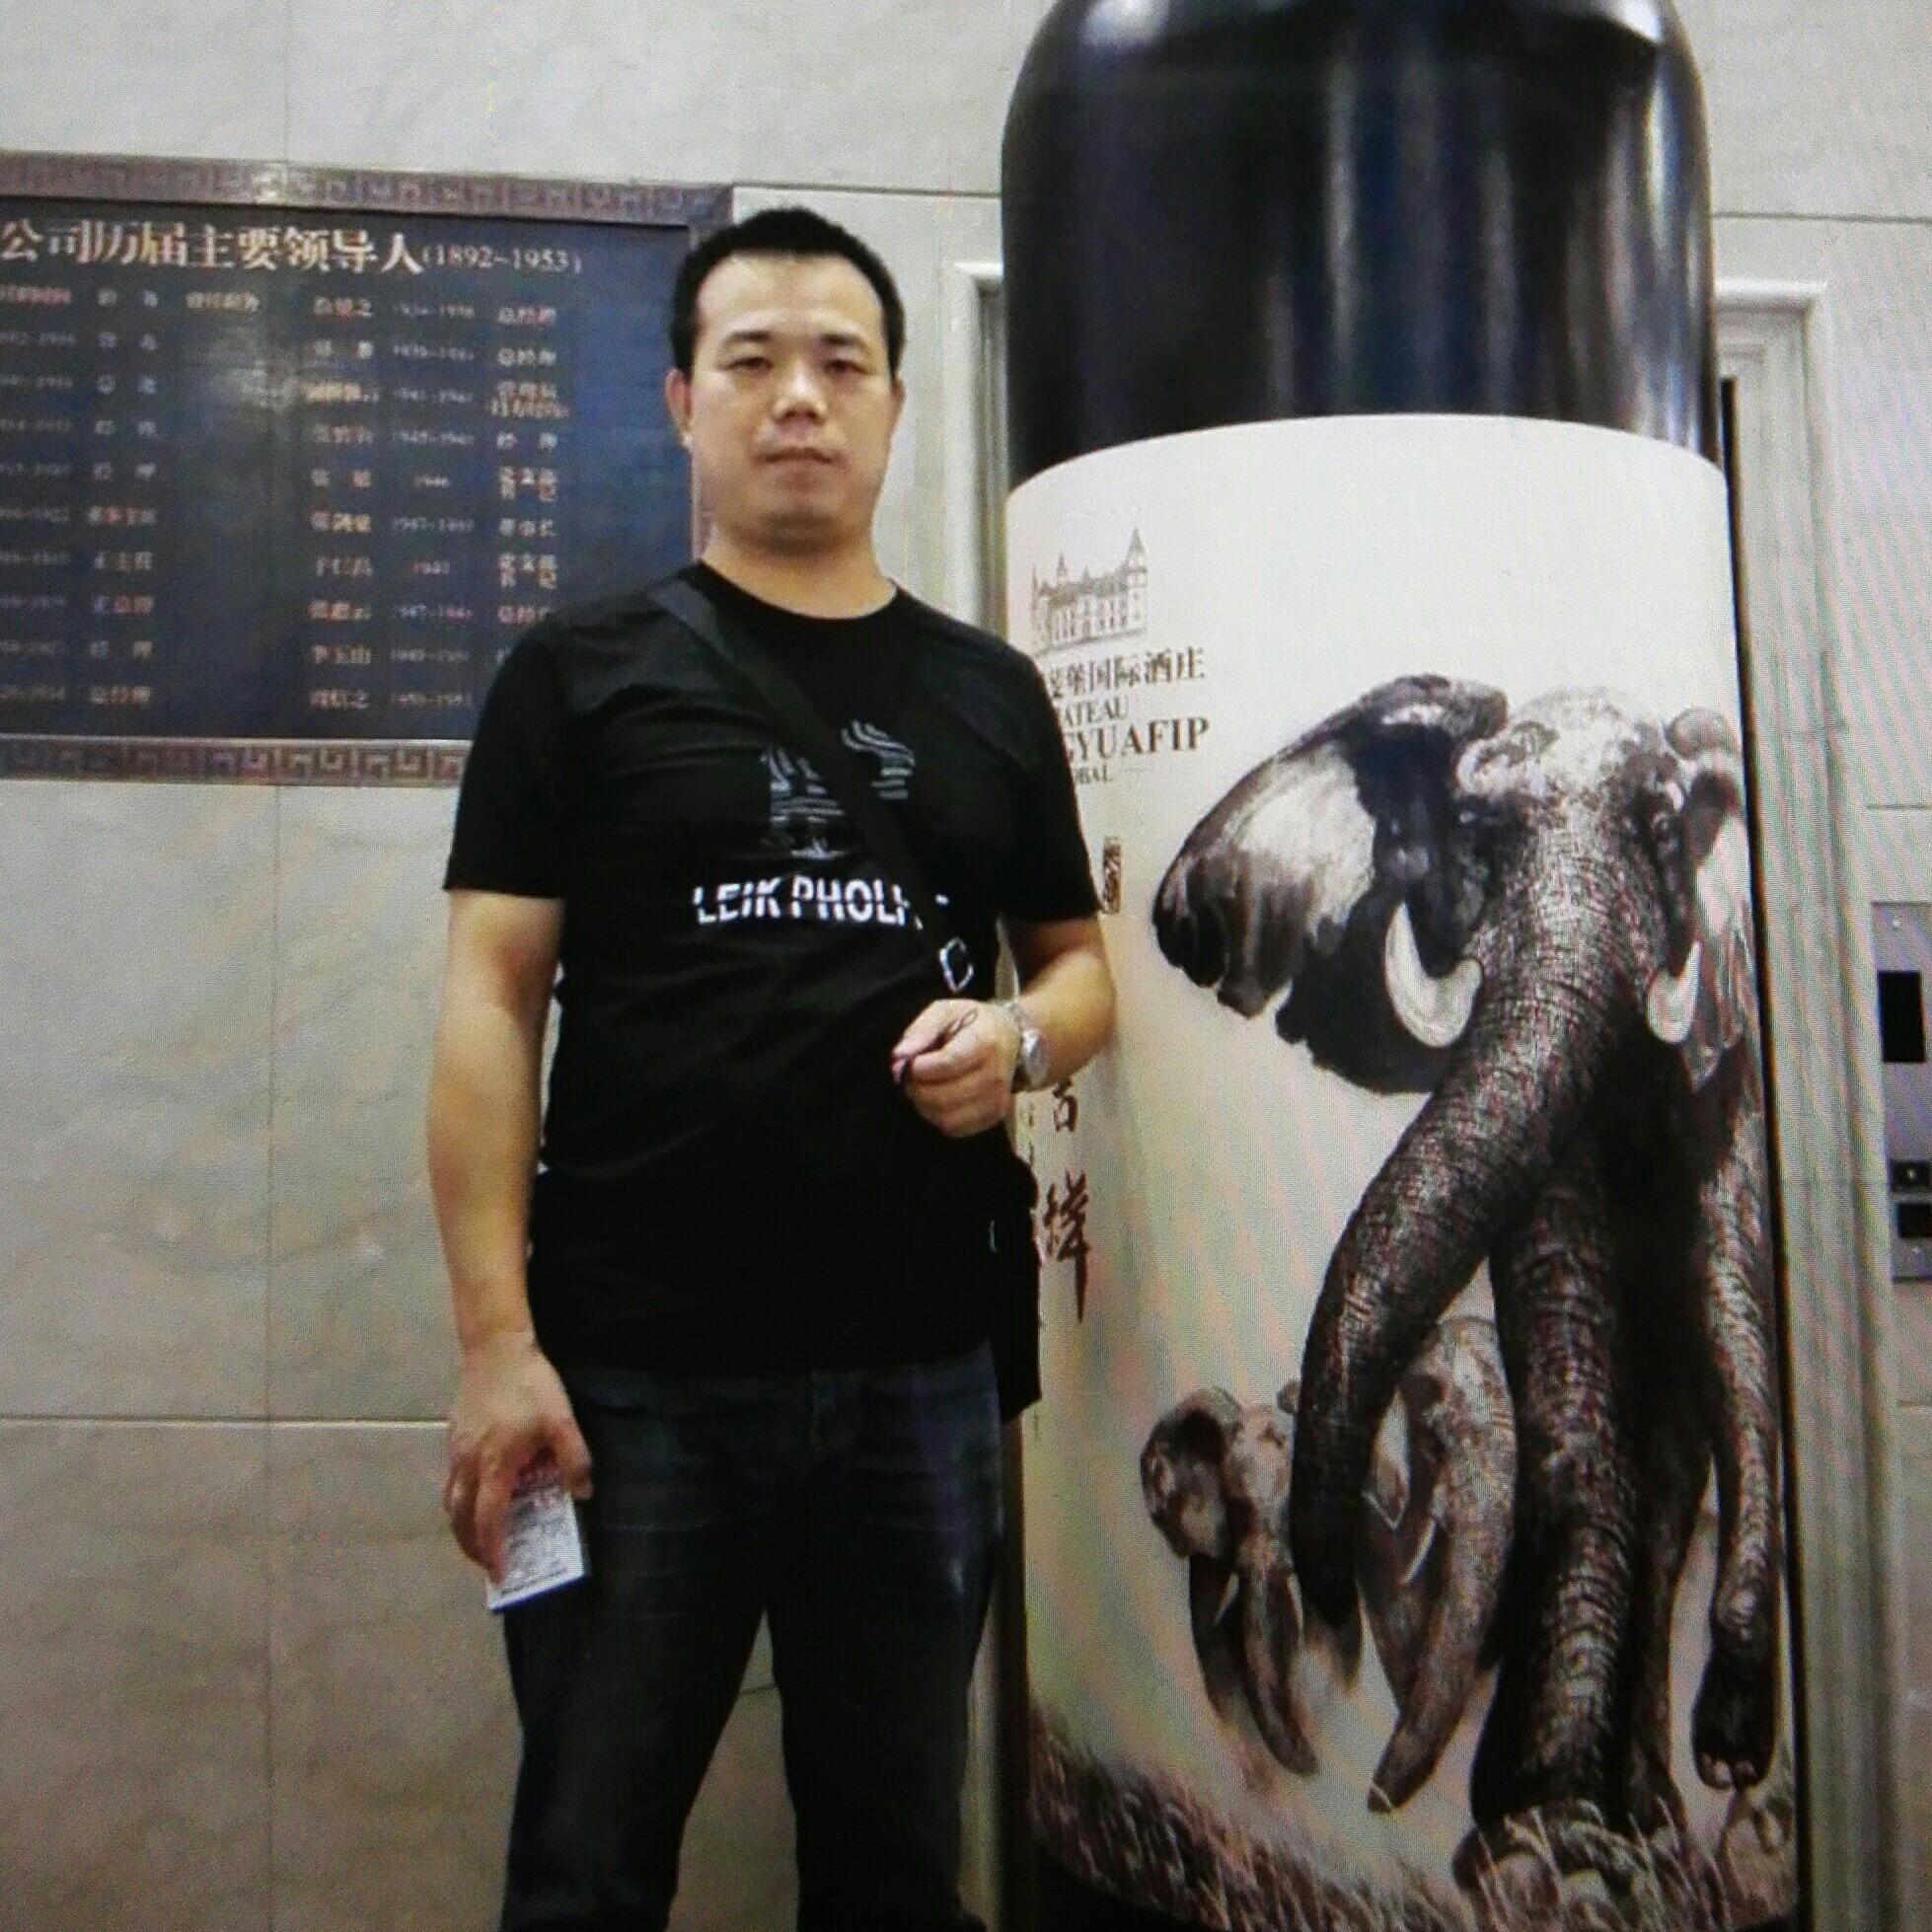 广州市丝仟缕纺织品有限公司CEO李浩波照片